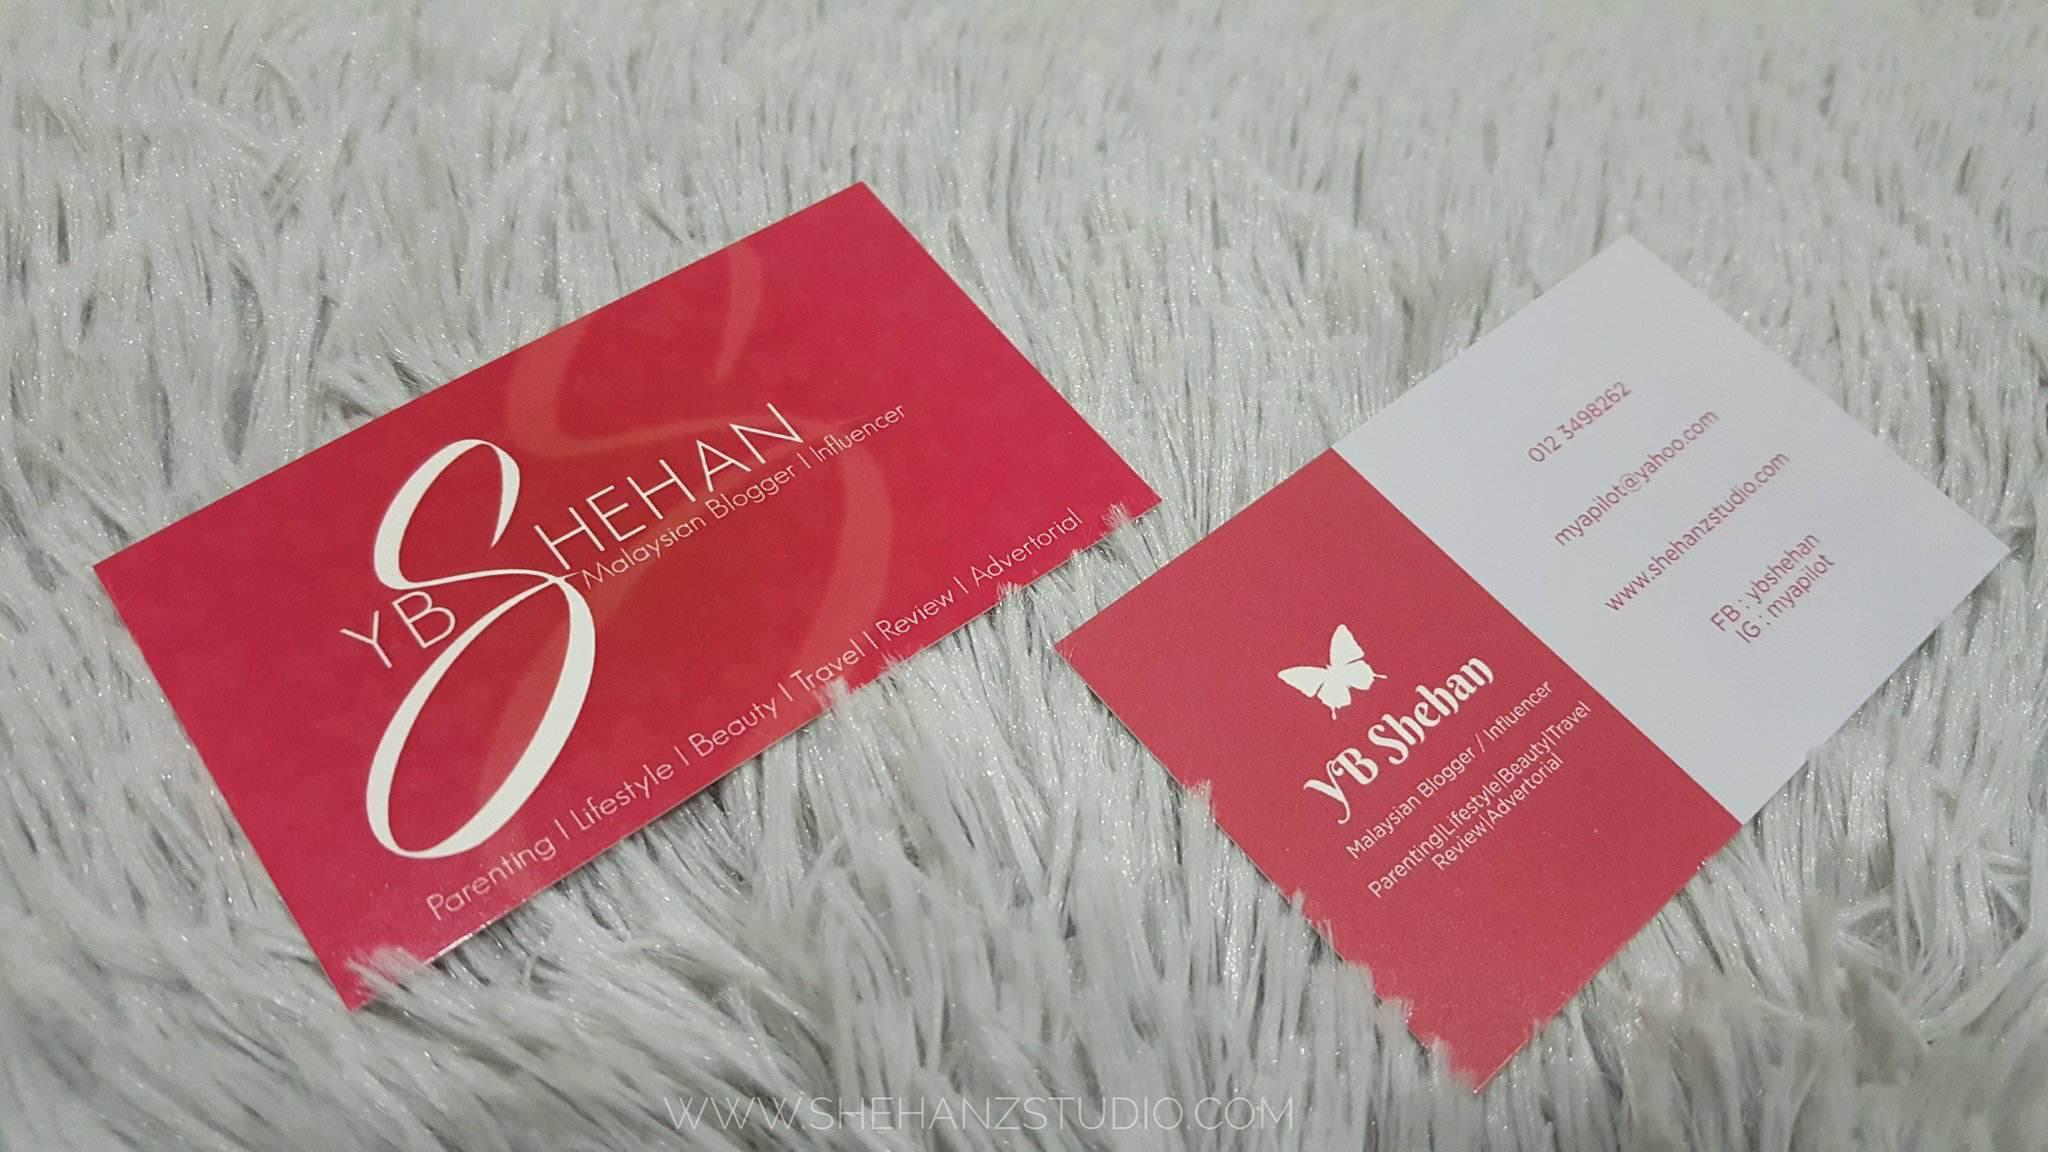 TEMPAH BUSINESS CARD CEPAT & MURAH DENGAN BG DESIGN RESOURCES (4)